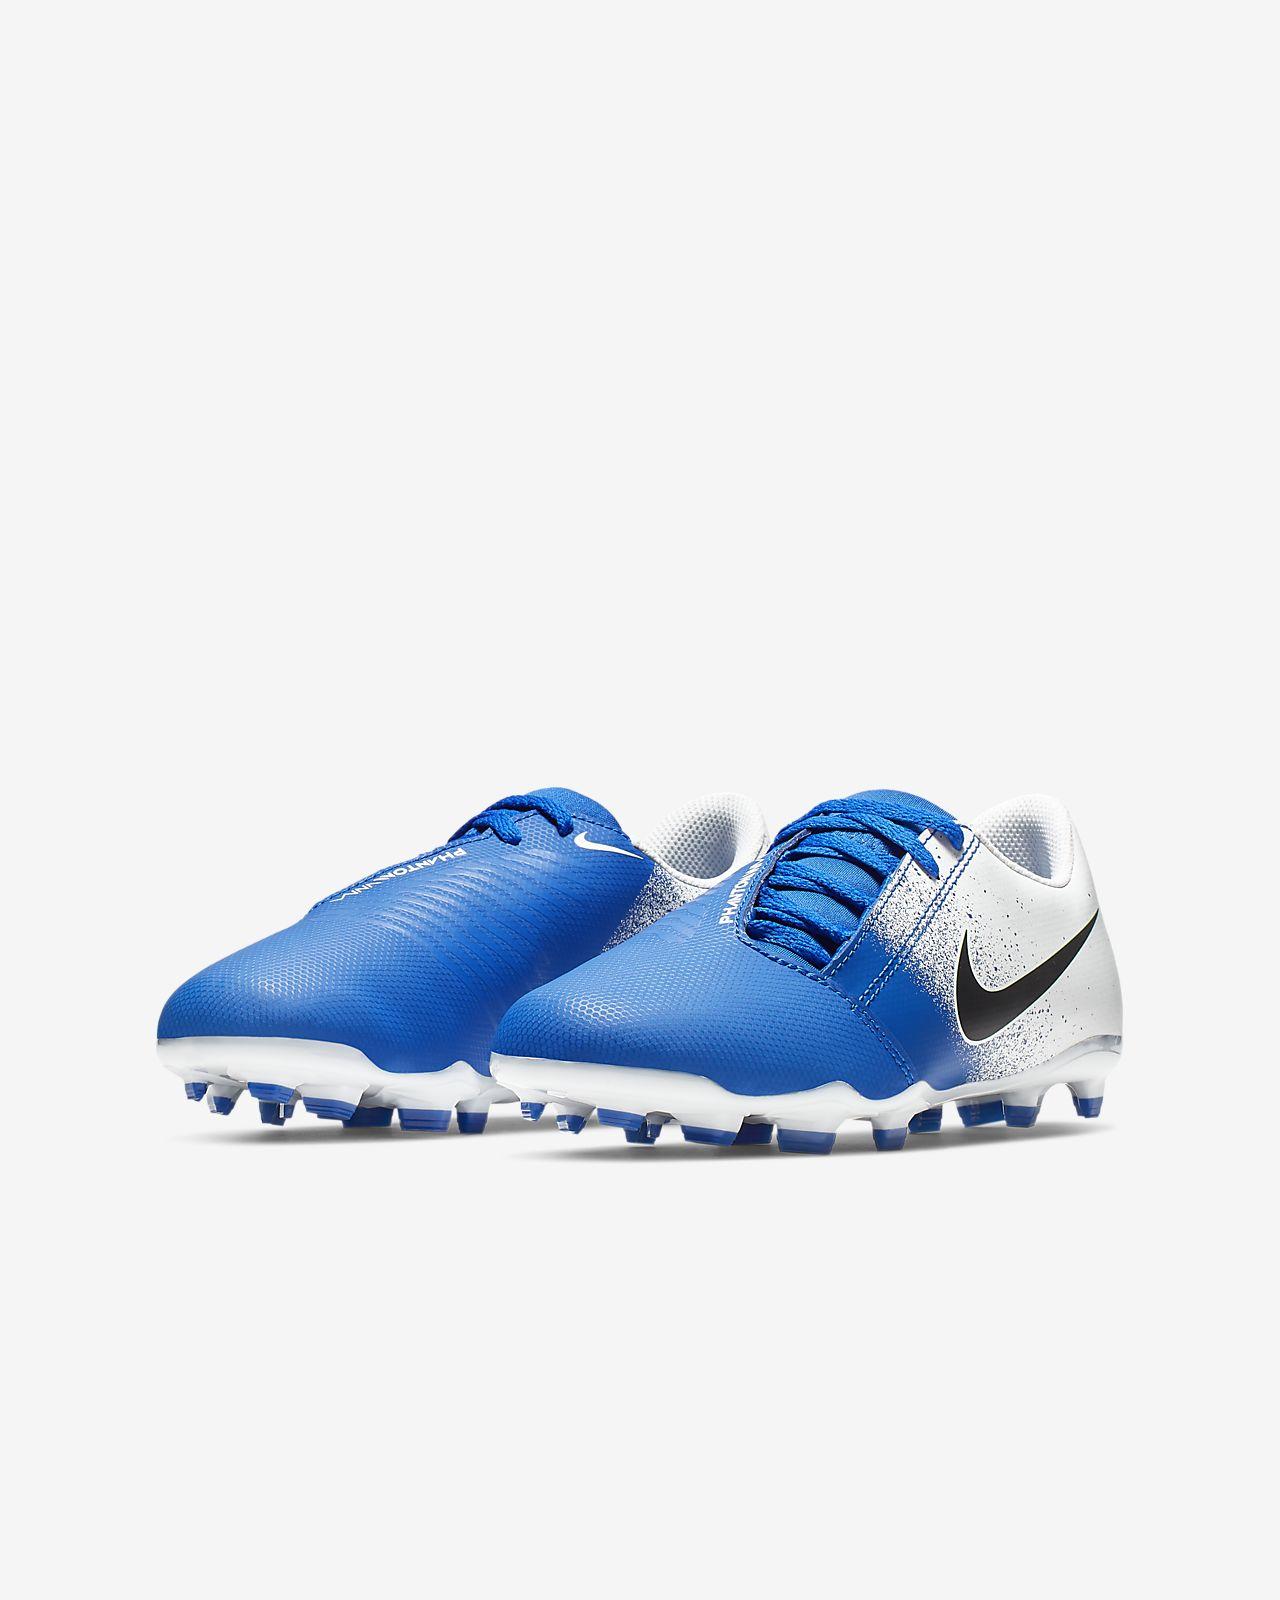 ad7801bebde2 Nike Jr. Phantom Venom Club FG Kids' Firm-Ground Football Boot. Nike ...